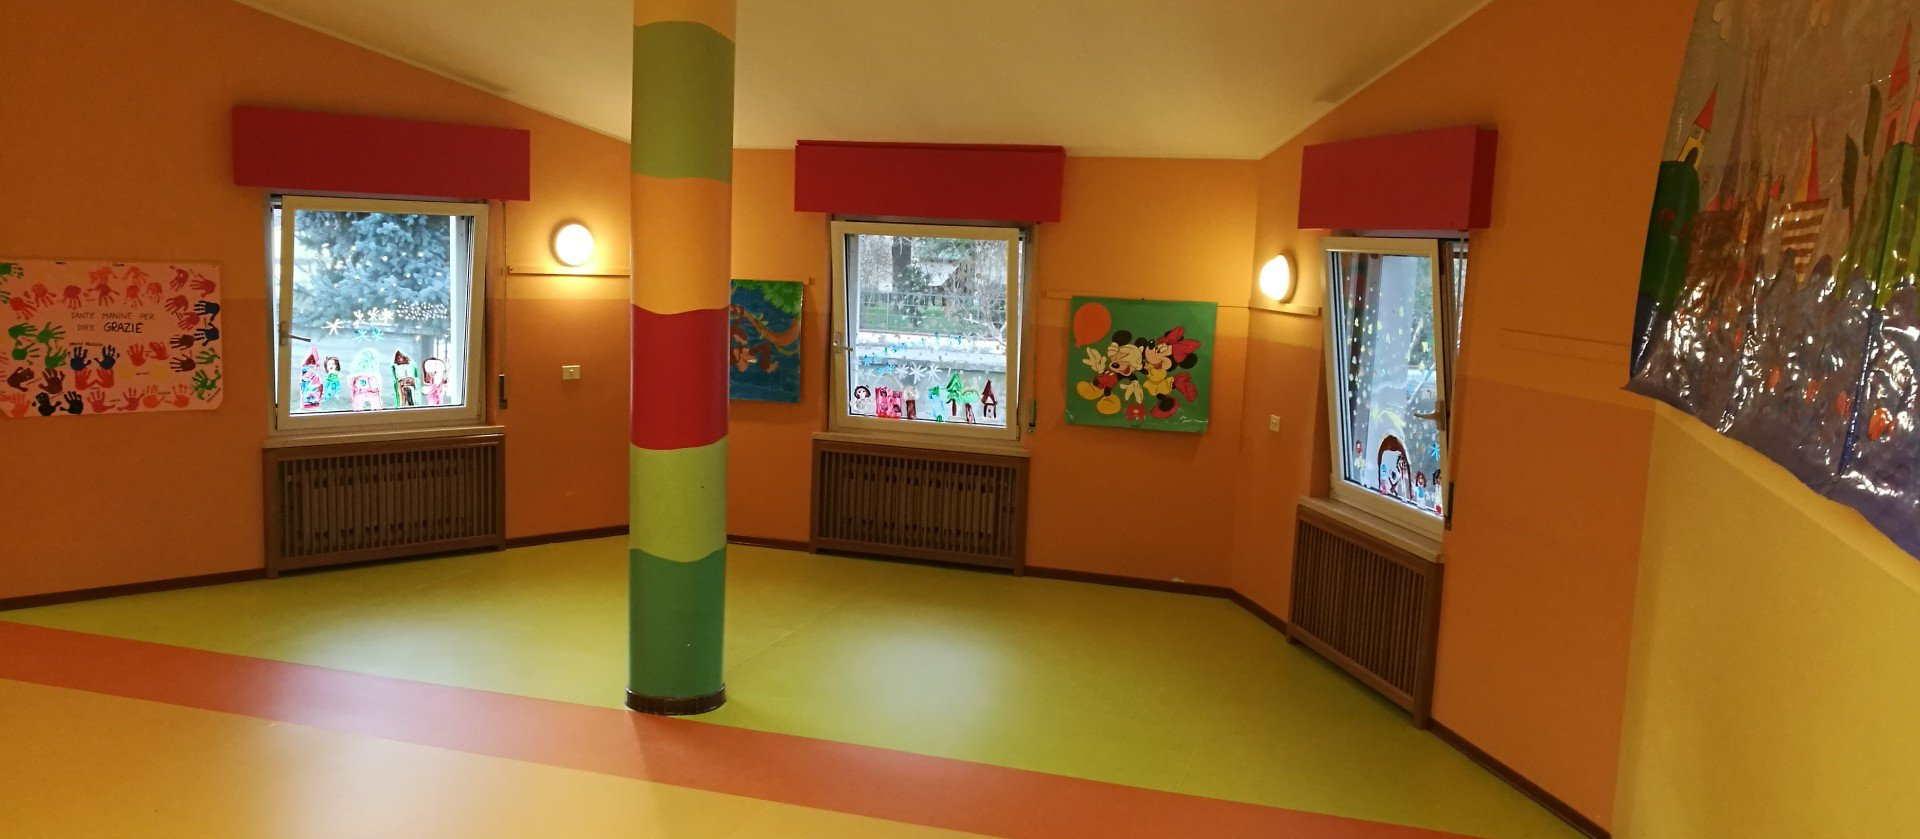 PACOFER - Intervento pavimentazione scuola materna